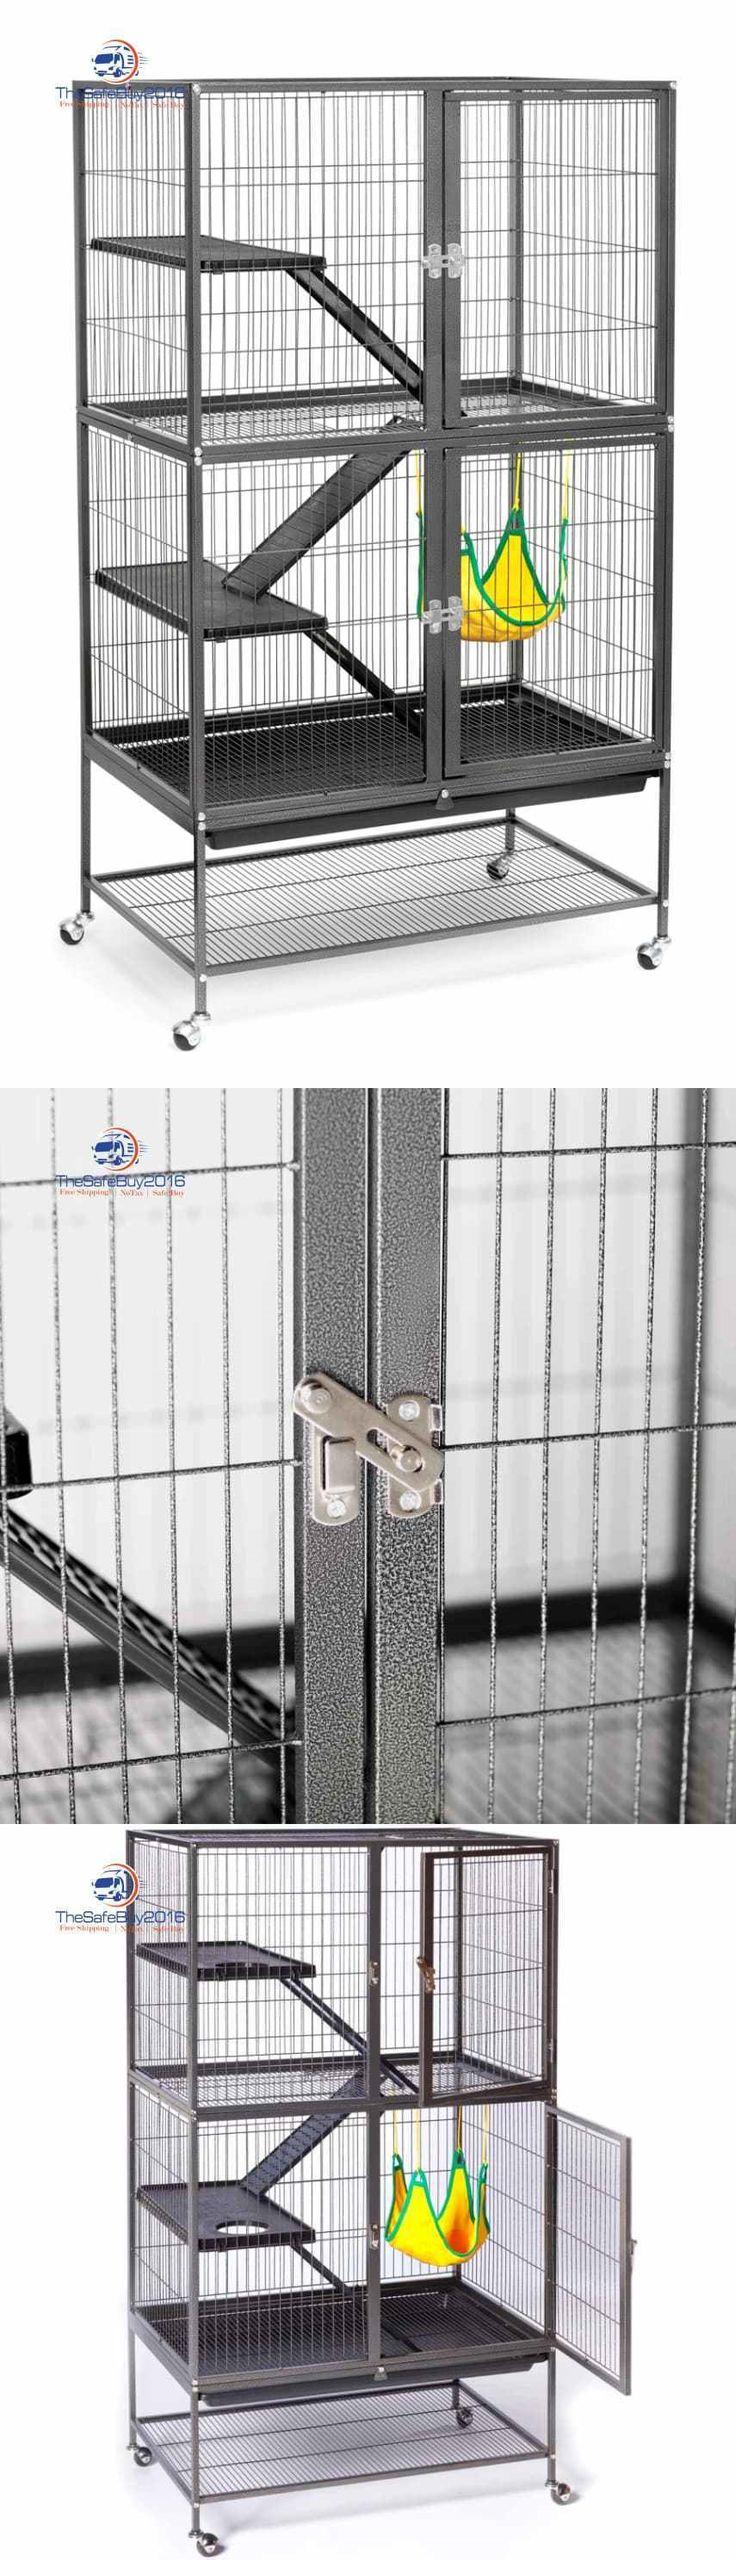 7 best good ferret set ups images on Pinterest | Ferret cage ...